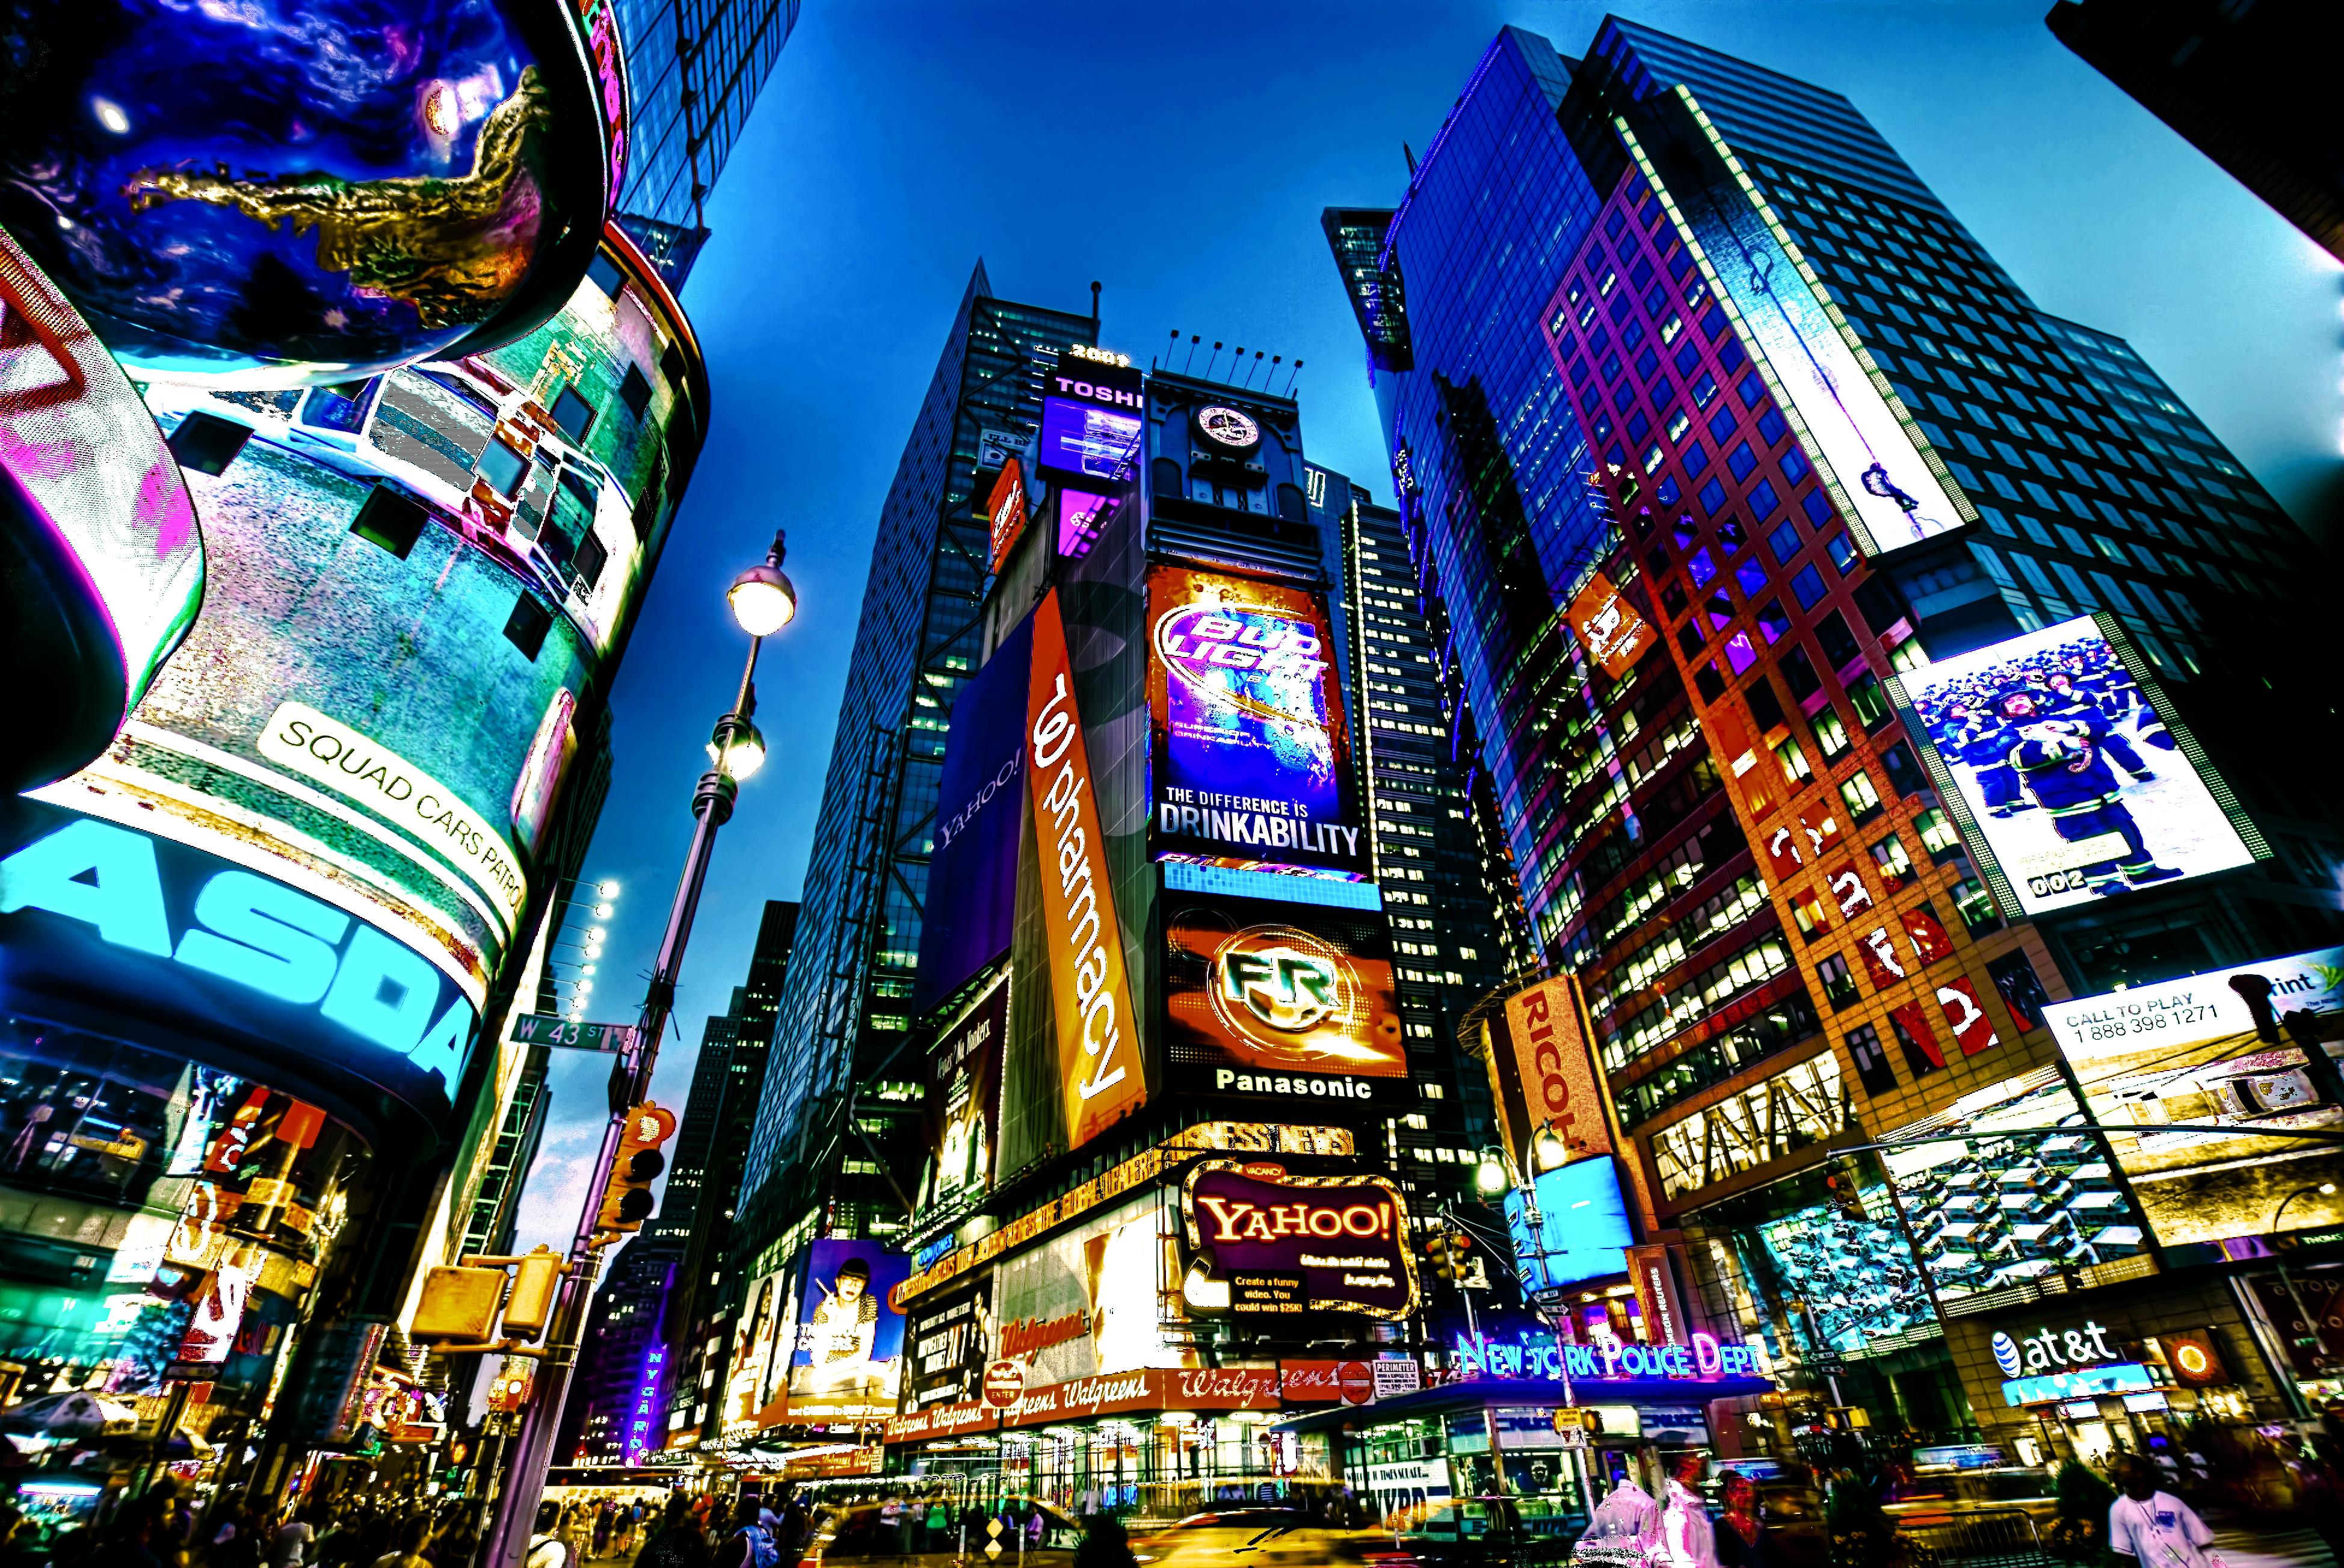 New York, New York – SPECIALE PASQUA